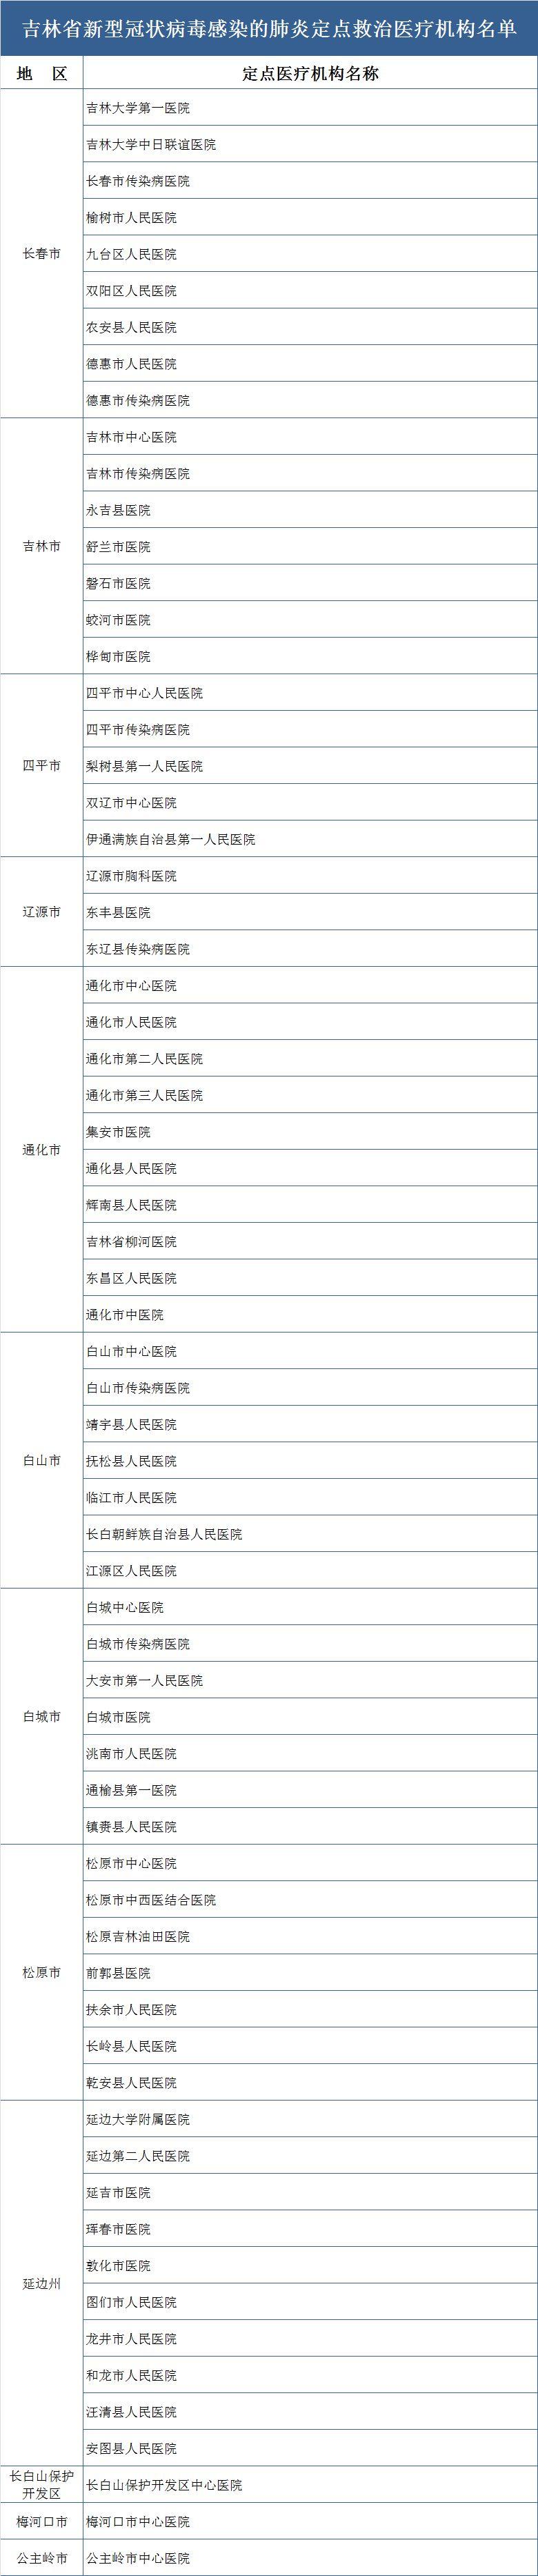 【城事】长春发现一例疑似病例!吉林省公布新型冠状病毒感染肺炎定点救治医疗机构名单